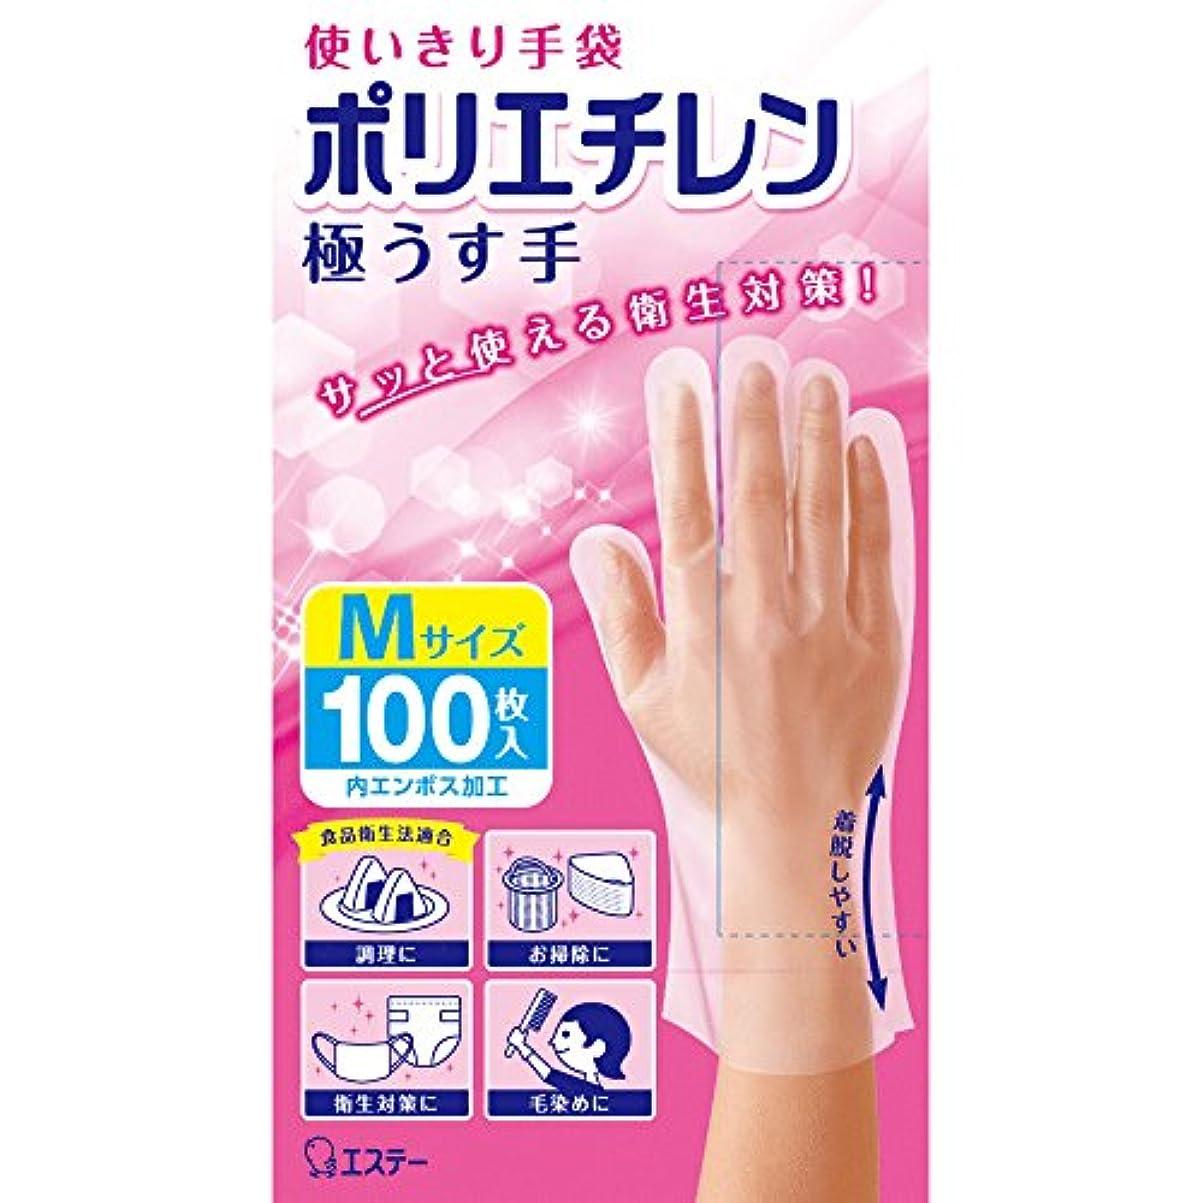 想像力徹底的に二十使いきり手袋 ポリエチレン 極うす手 Mサイズ 半透明 100枚